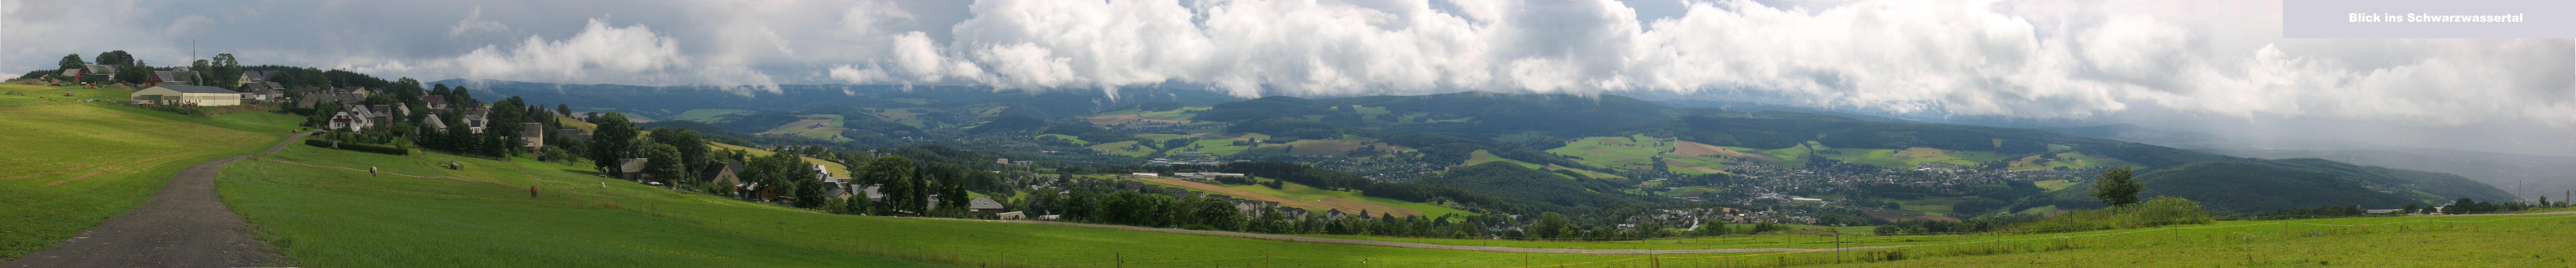 Lauter (Lauter-Bernsbach)